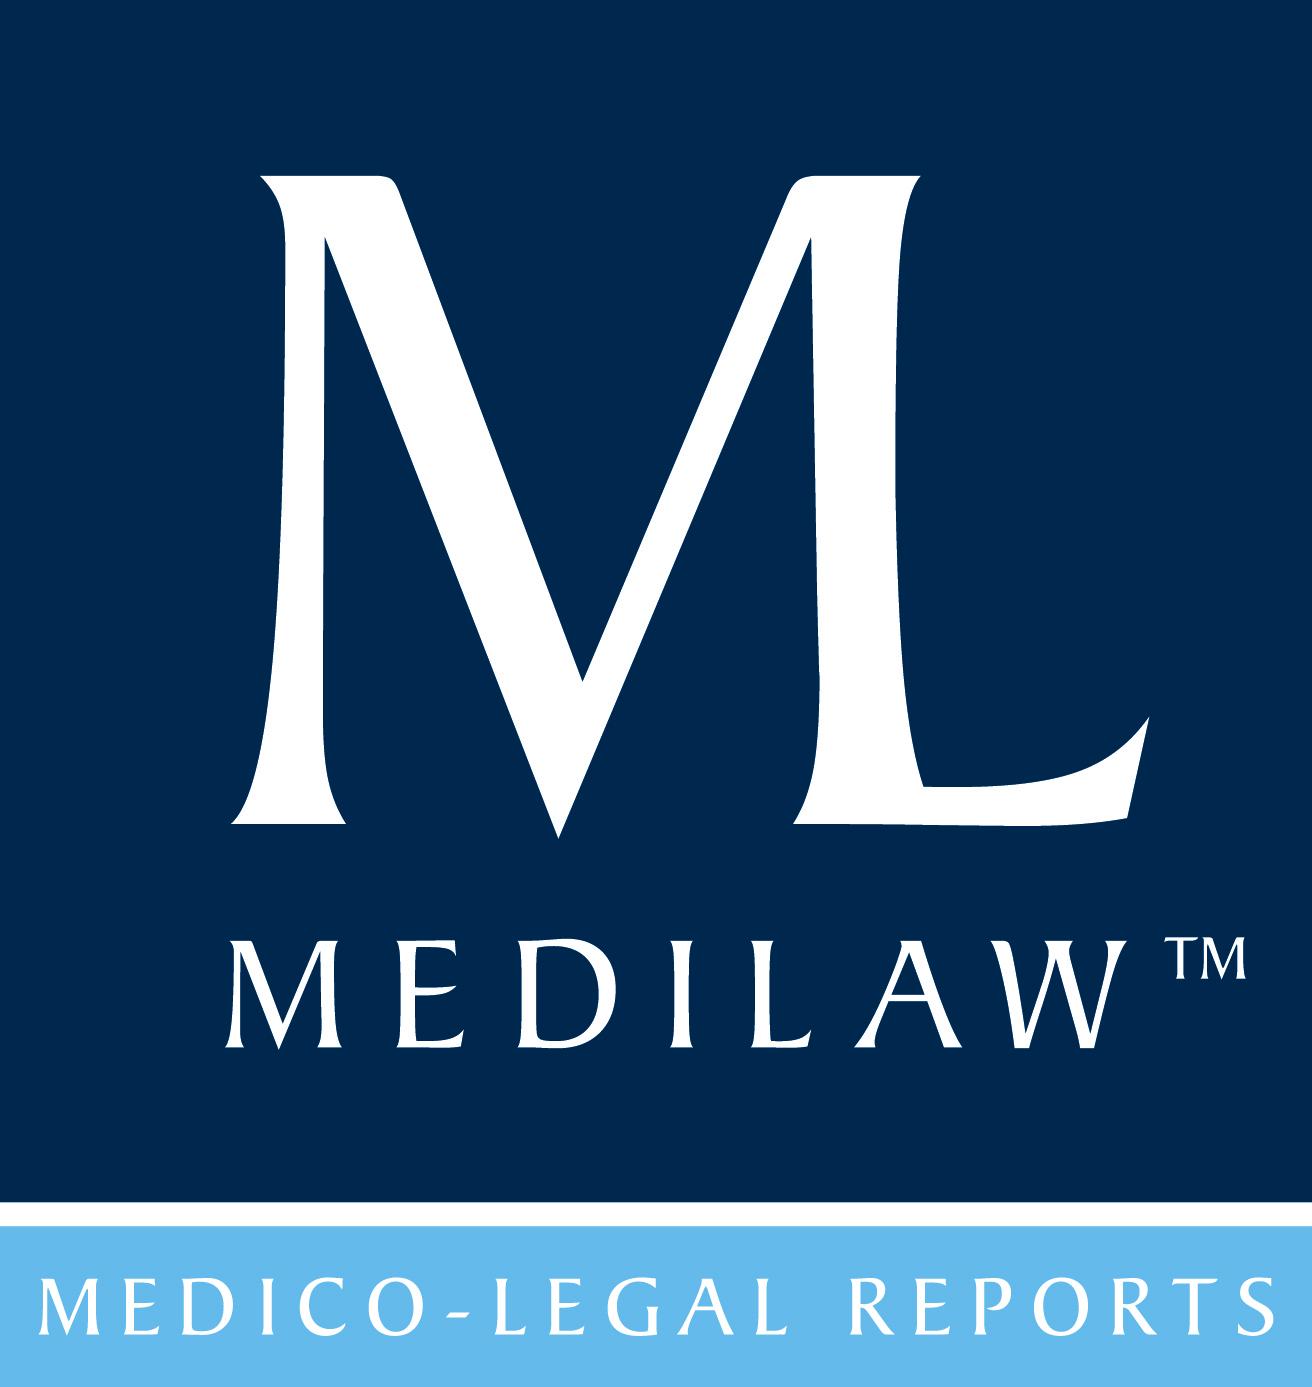 Medilaw